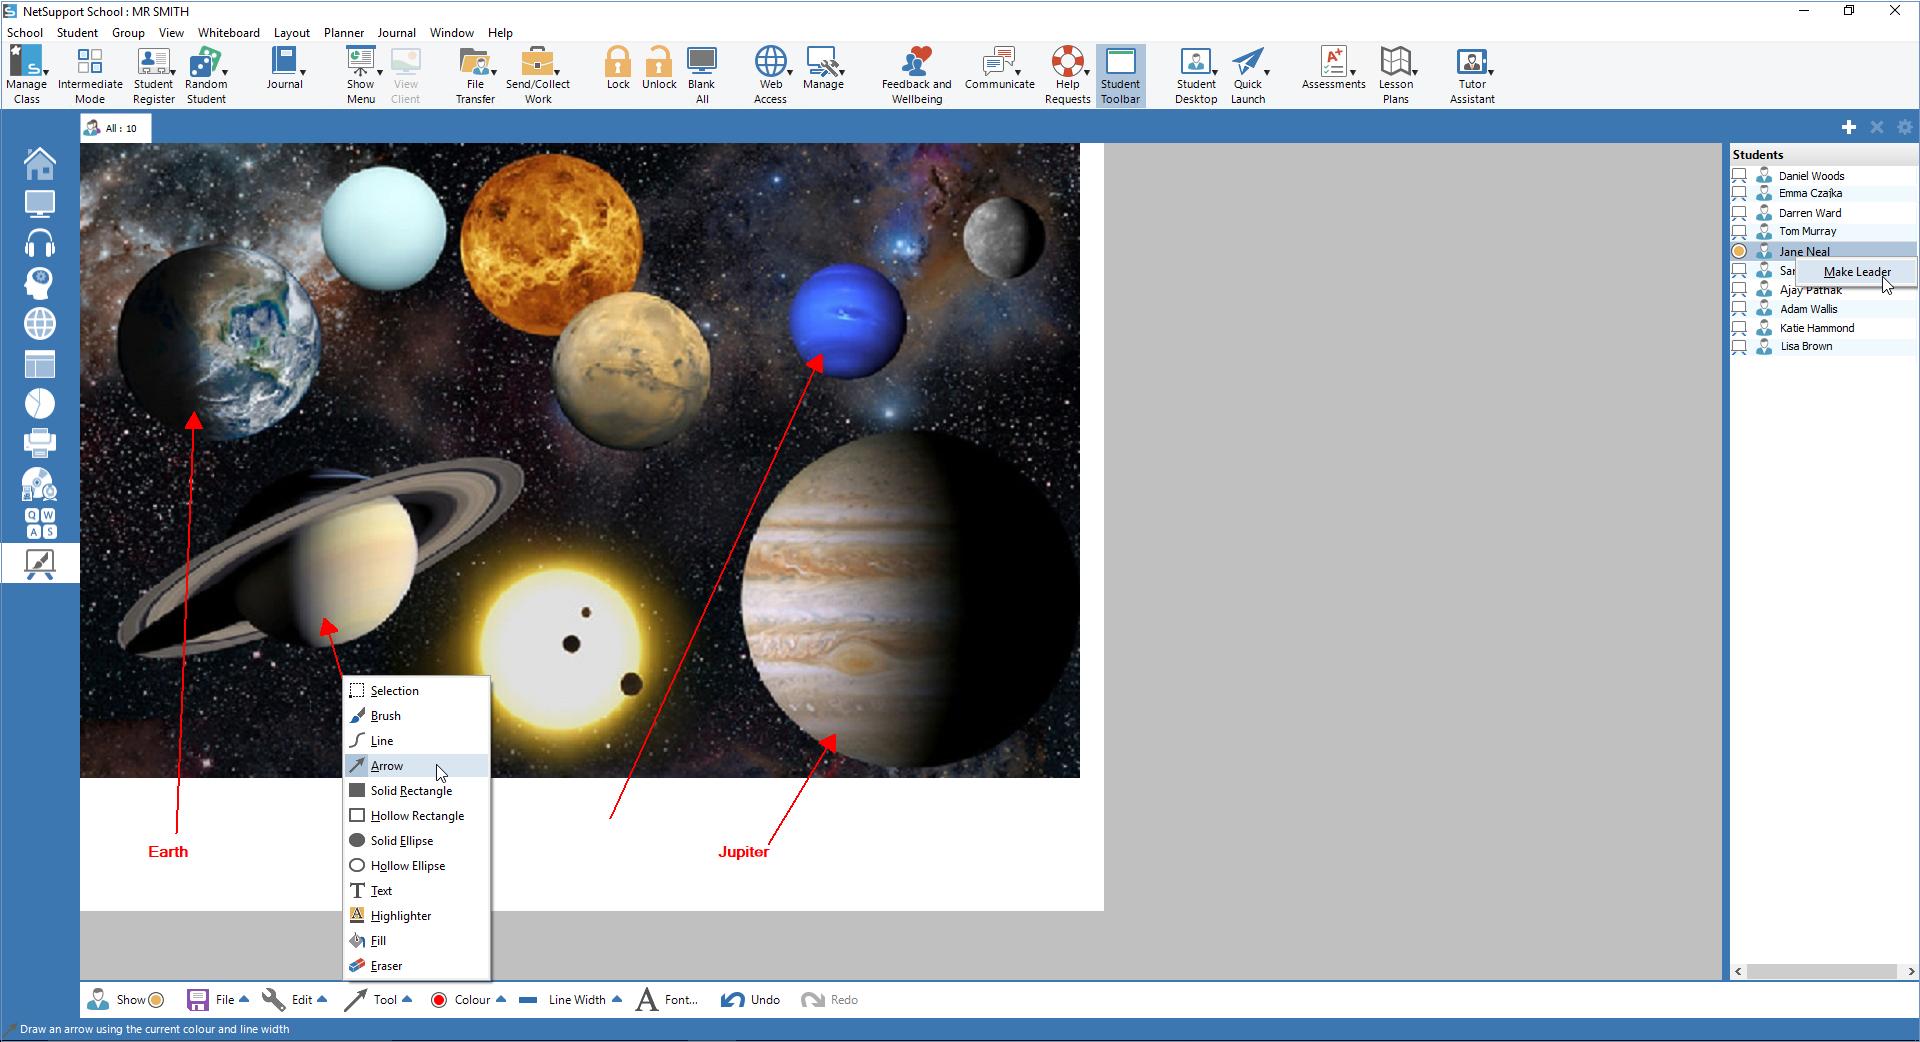 NetSupport School - Virtual Whiteboard